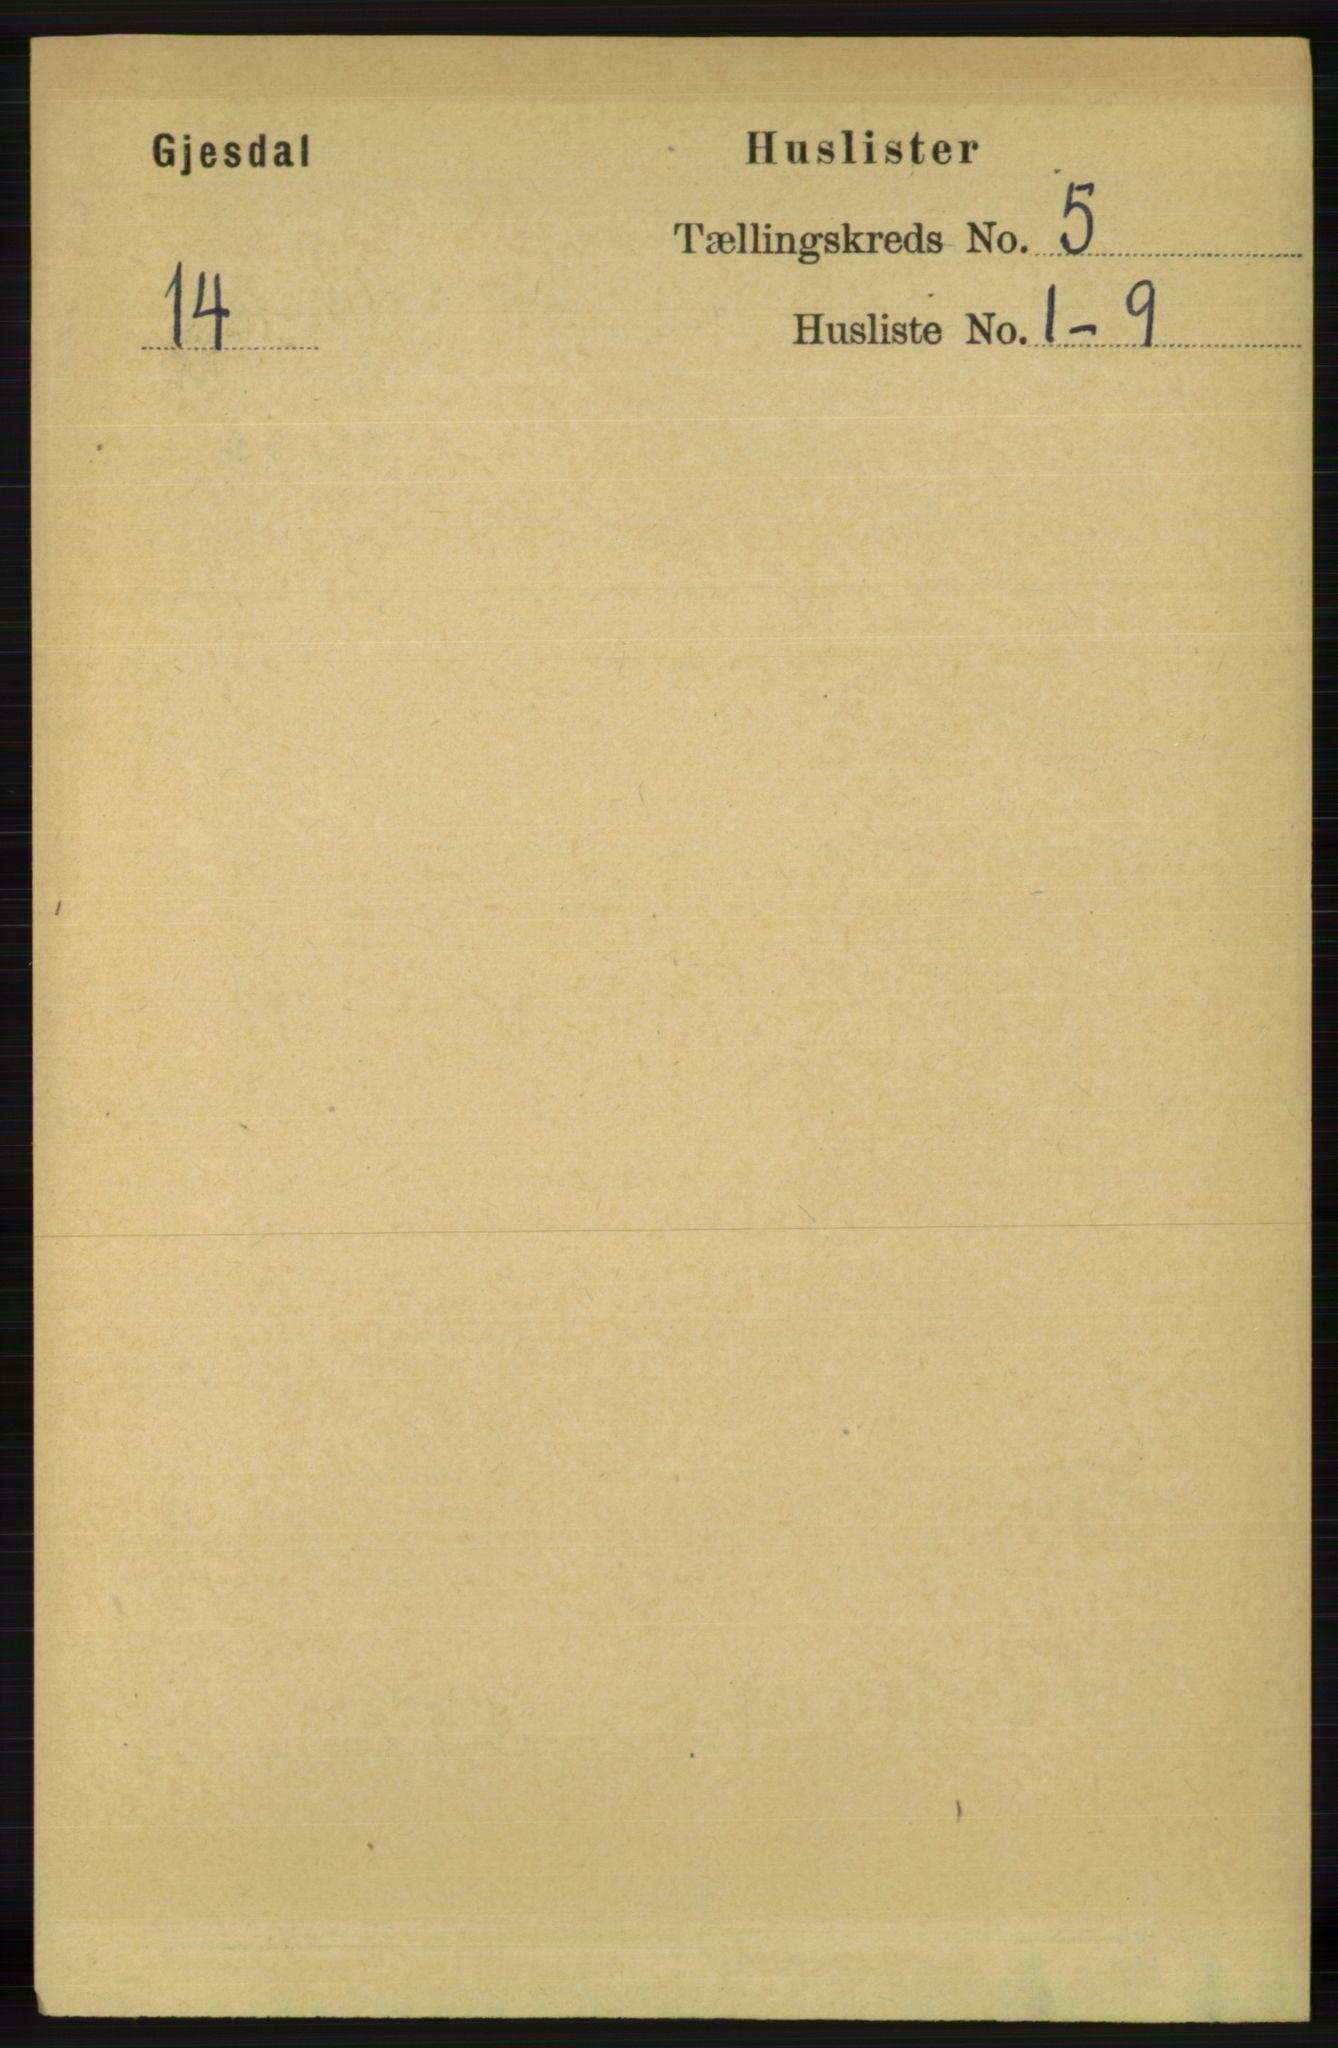 RA, Folketelling 1891 for 1122 Gjesdal herred, 1891, s. 1478